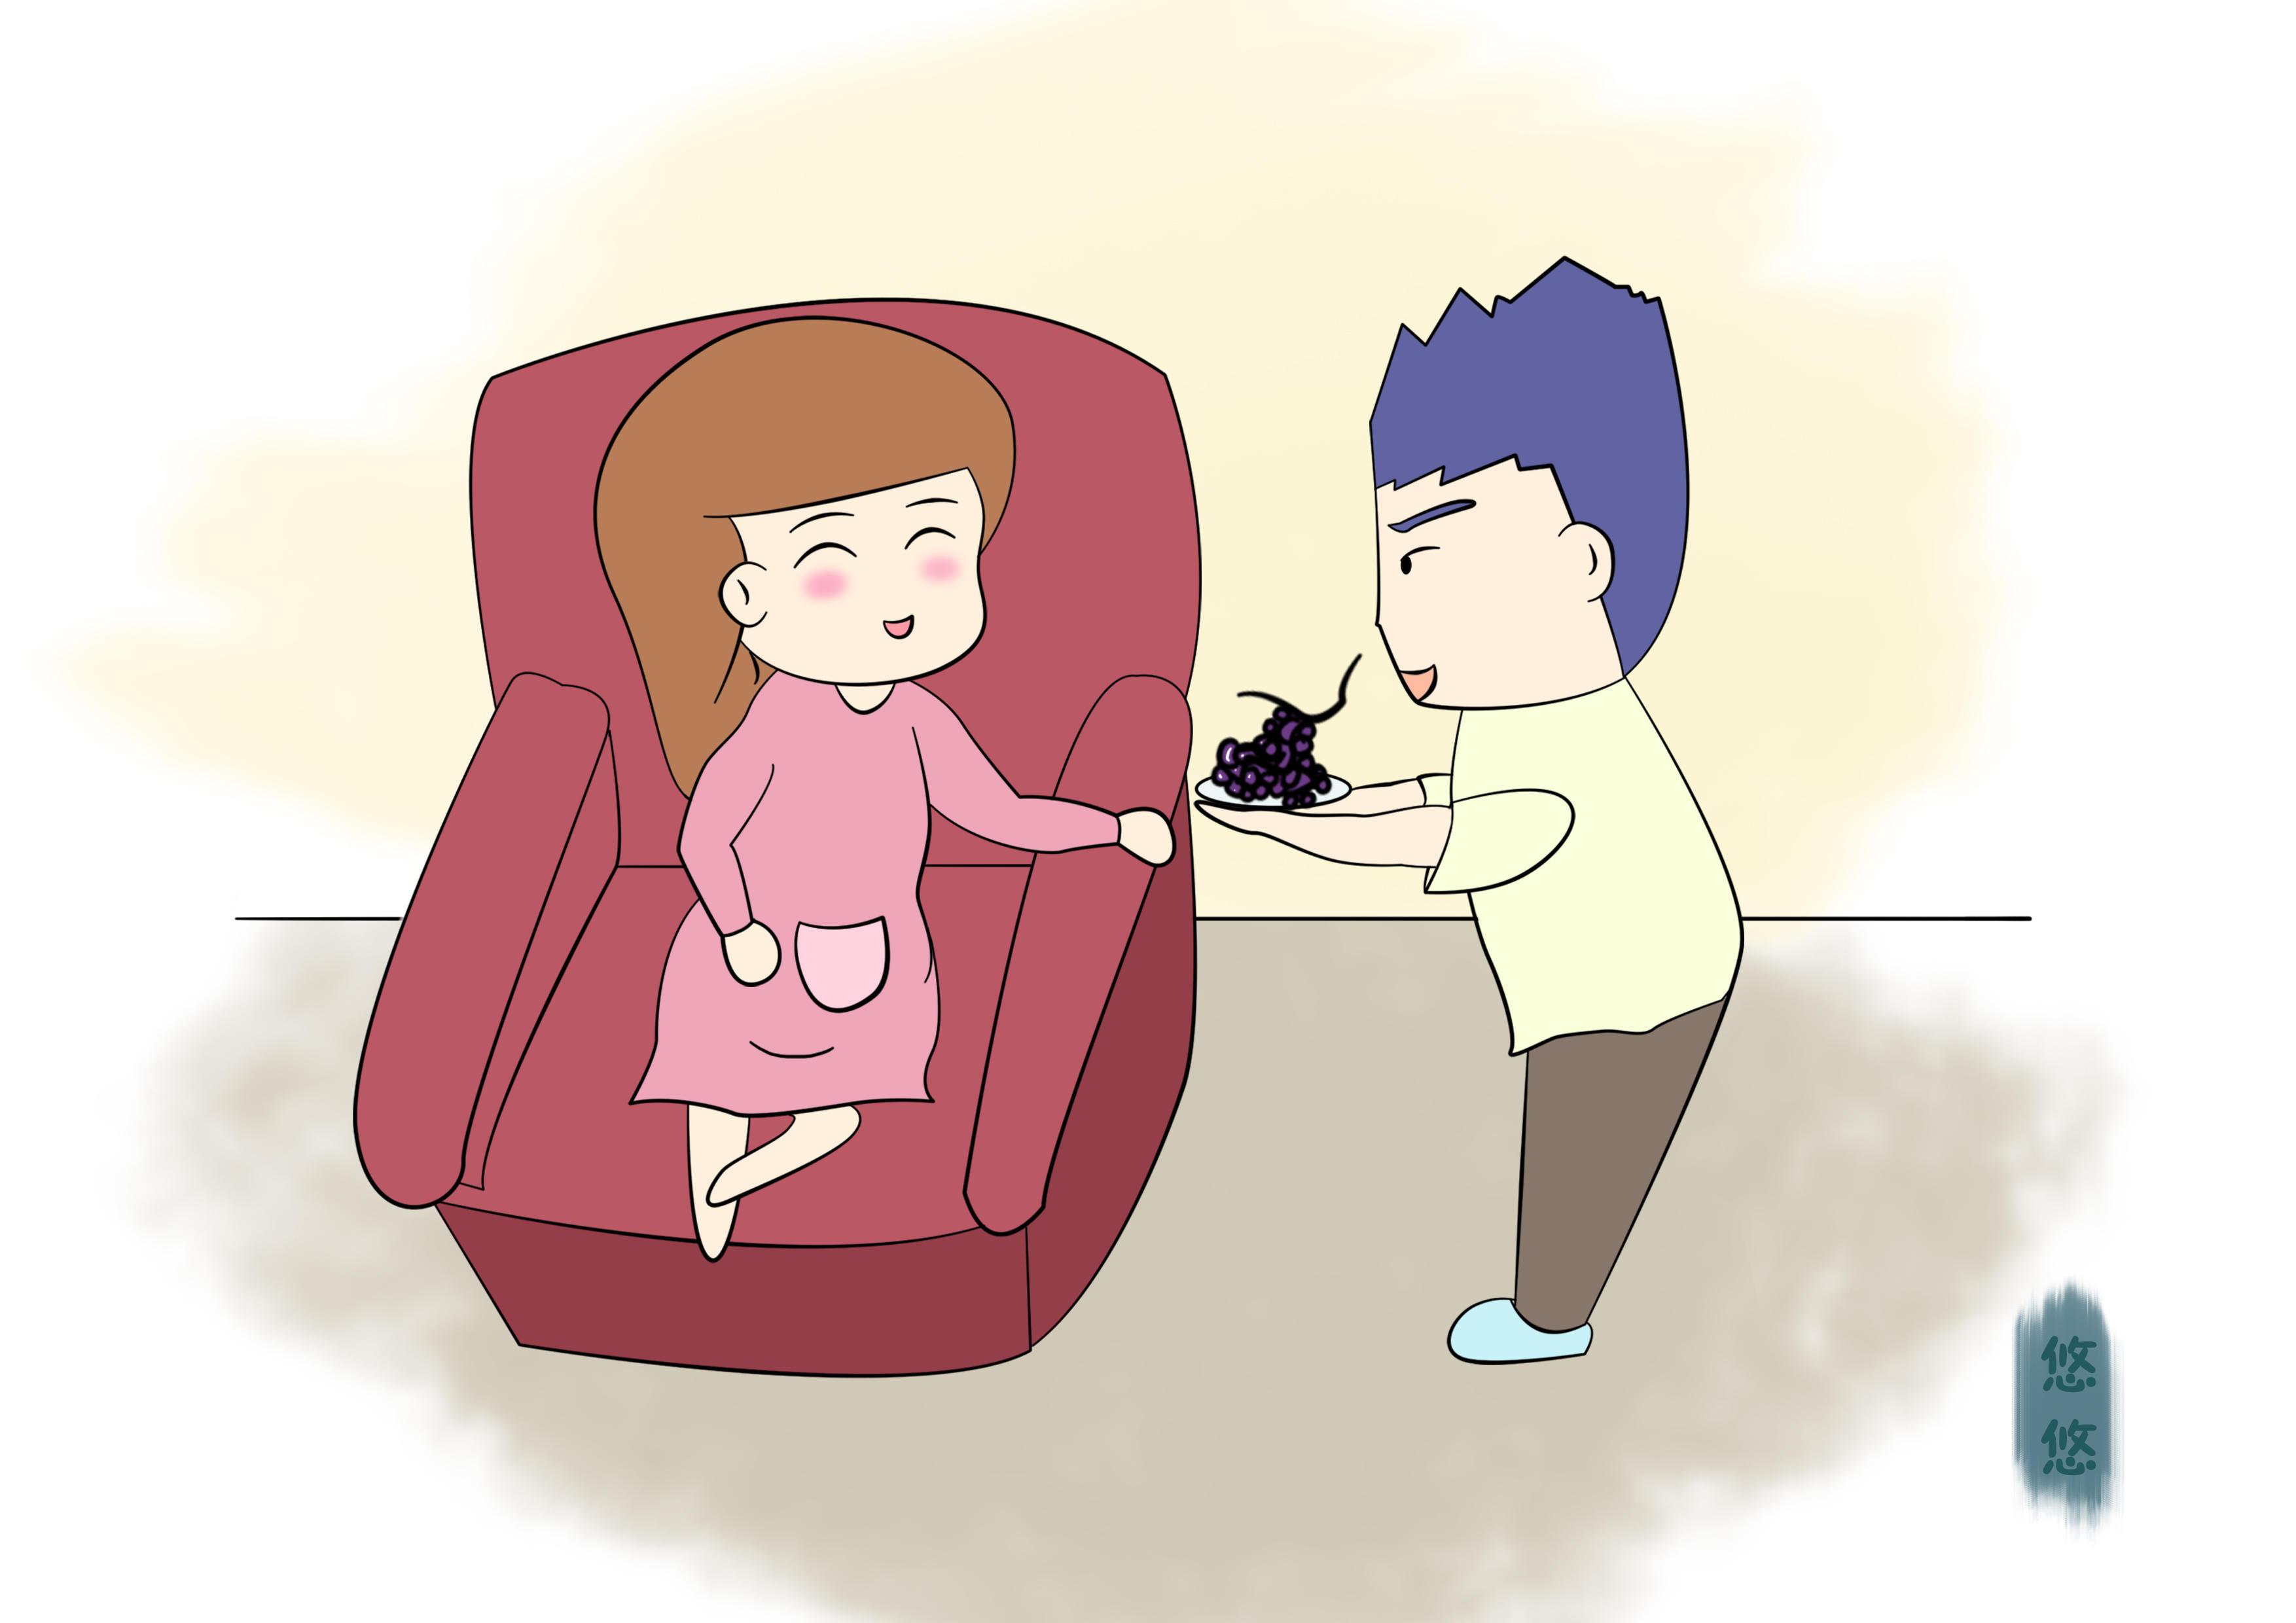 成功怀上宝宝,受精卵着床后,身体会有下6种感觉